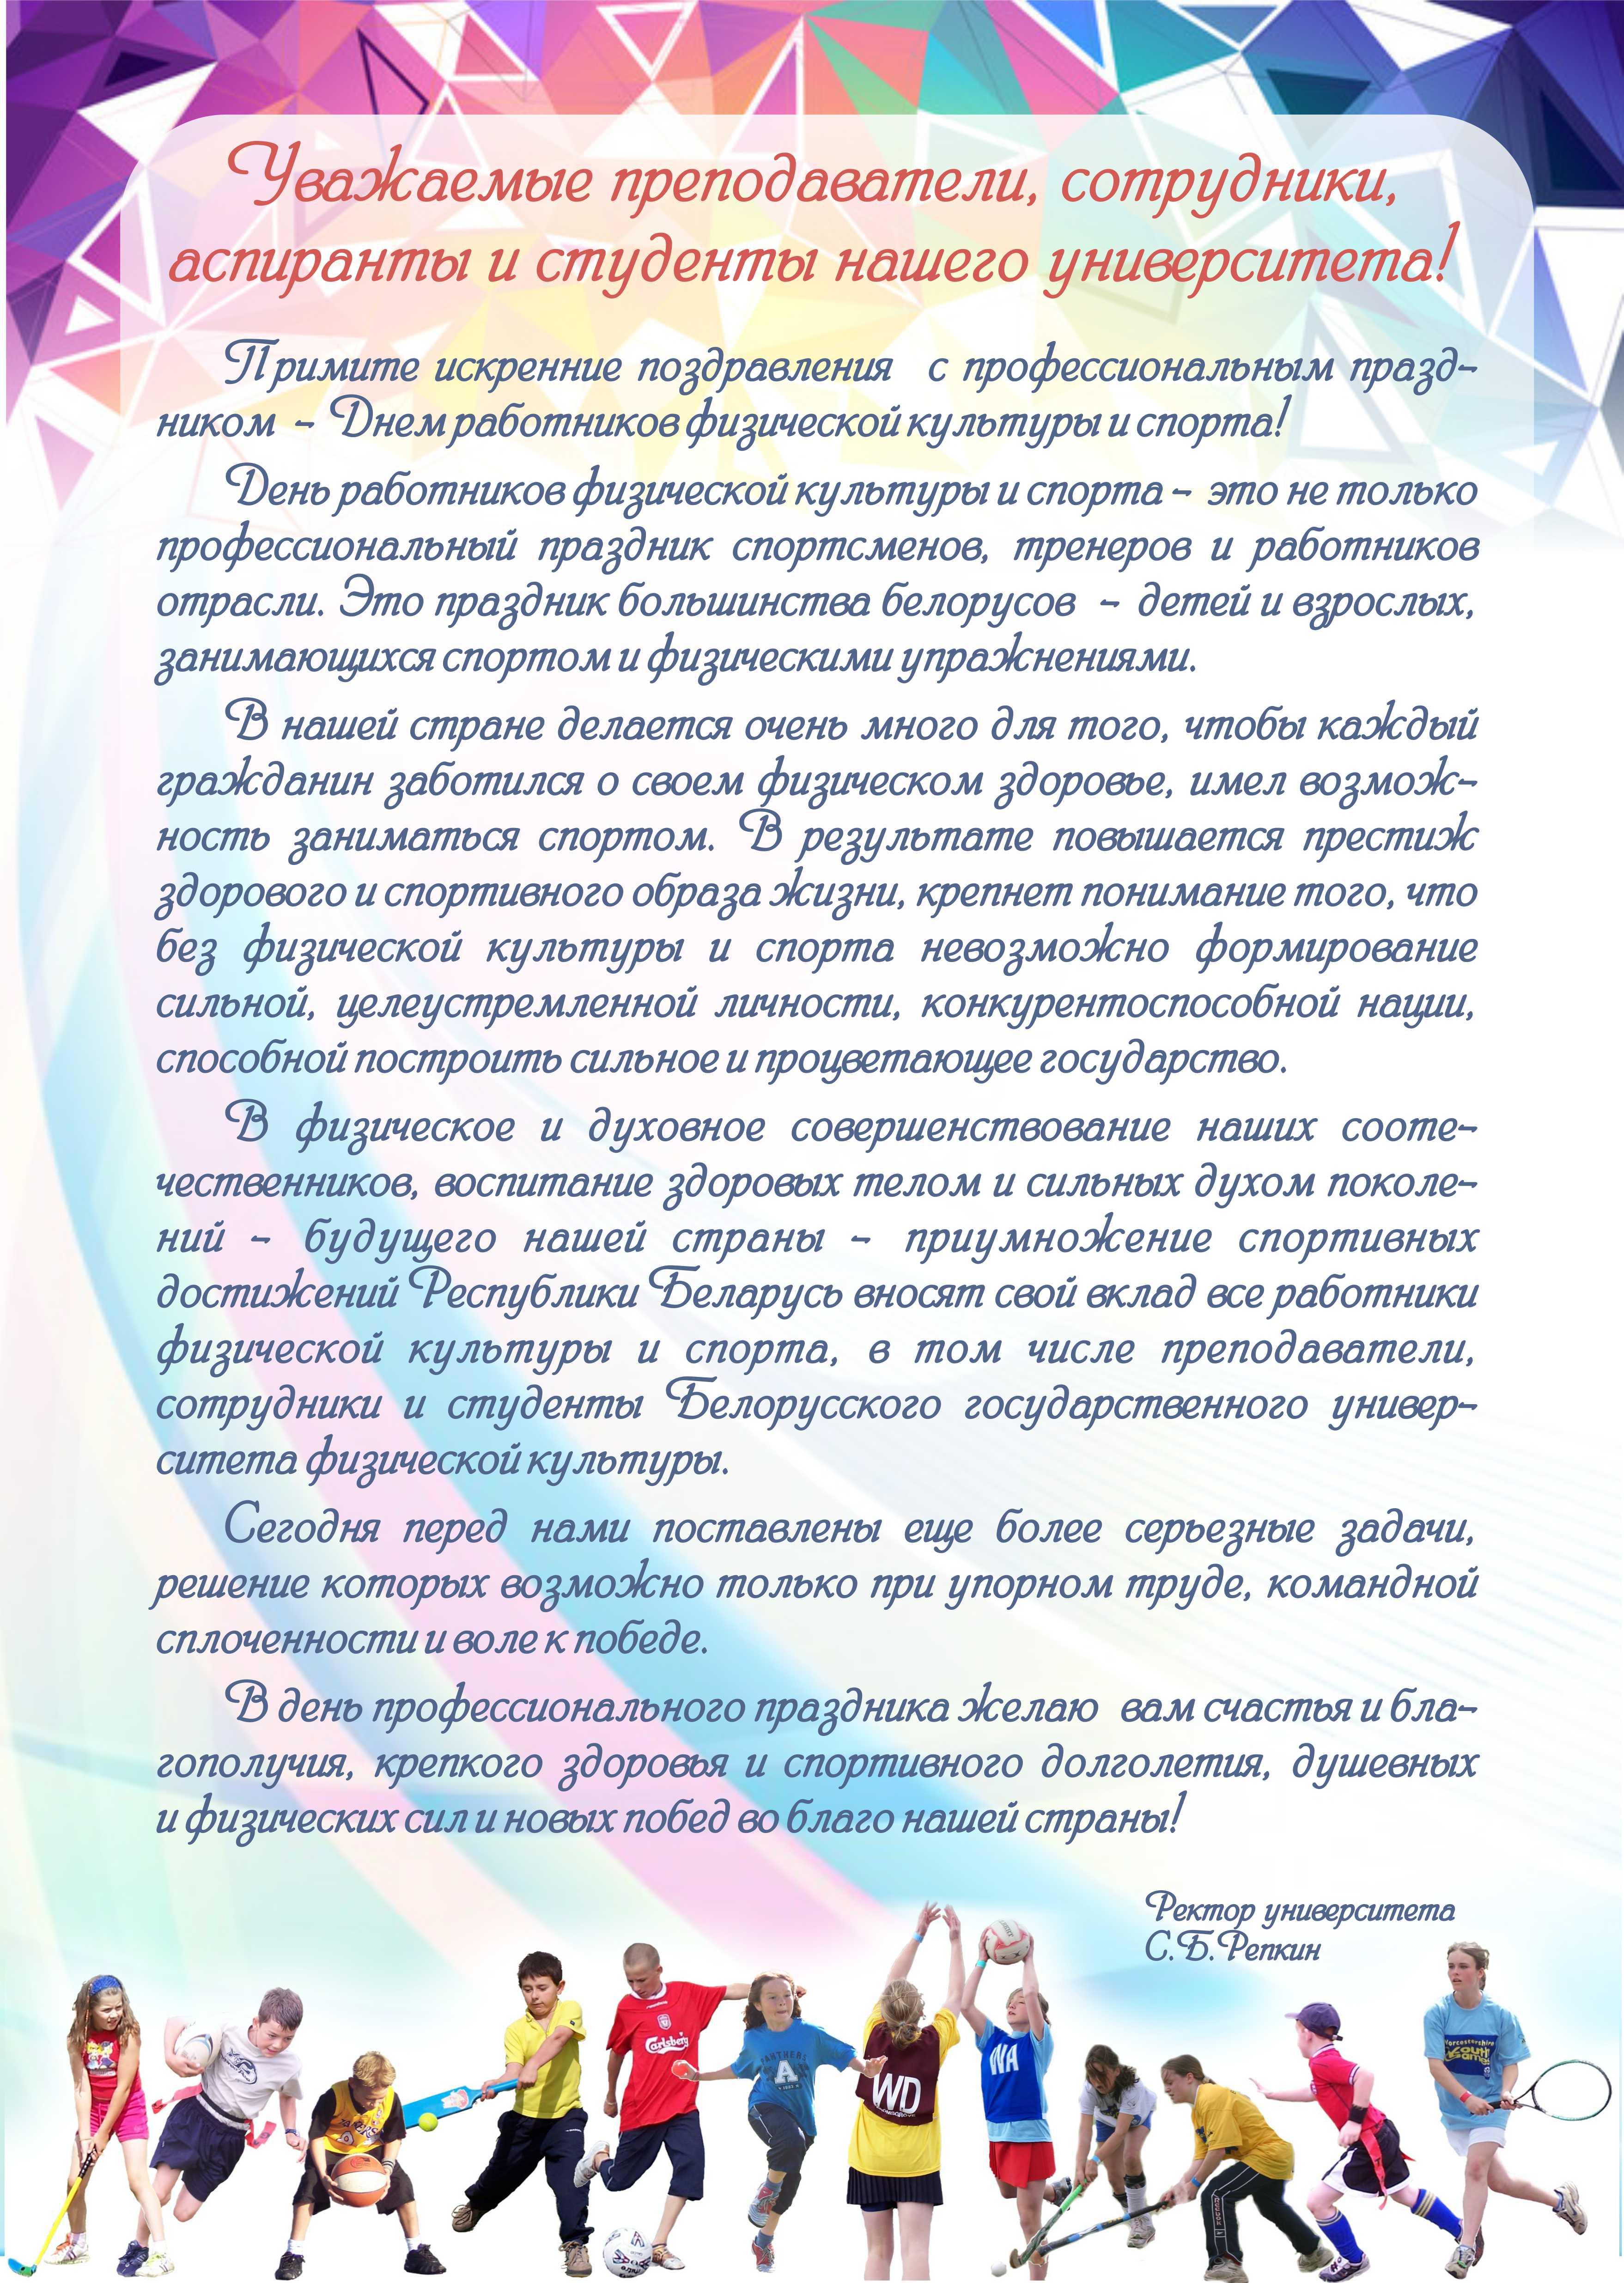 Поздравления факультету физической культуры